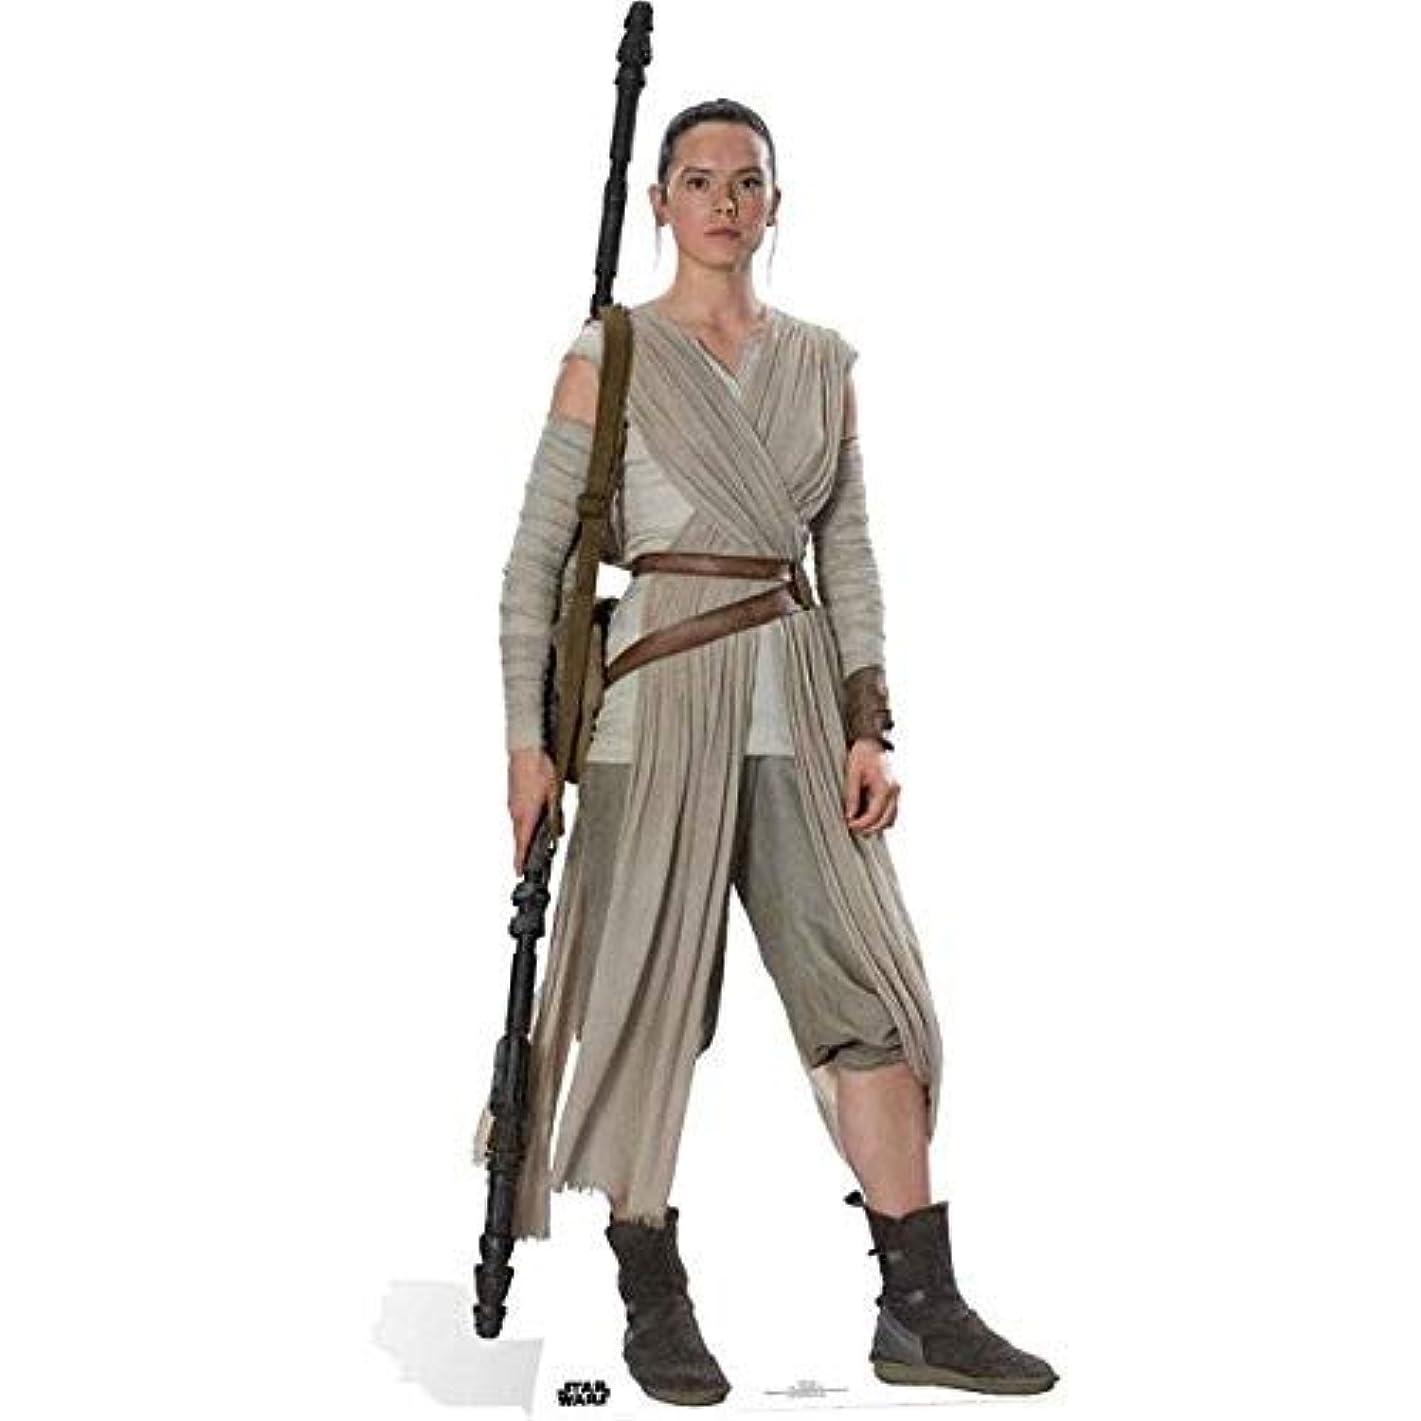 Star Wars Rey Lifesize Cutout